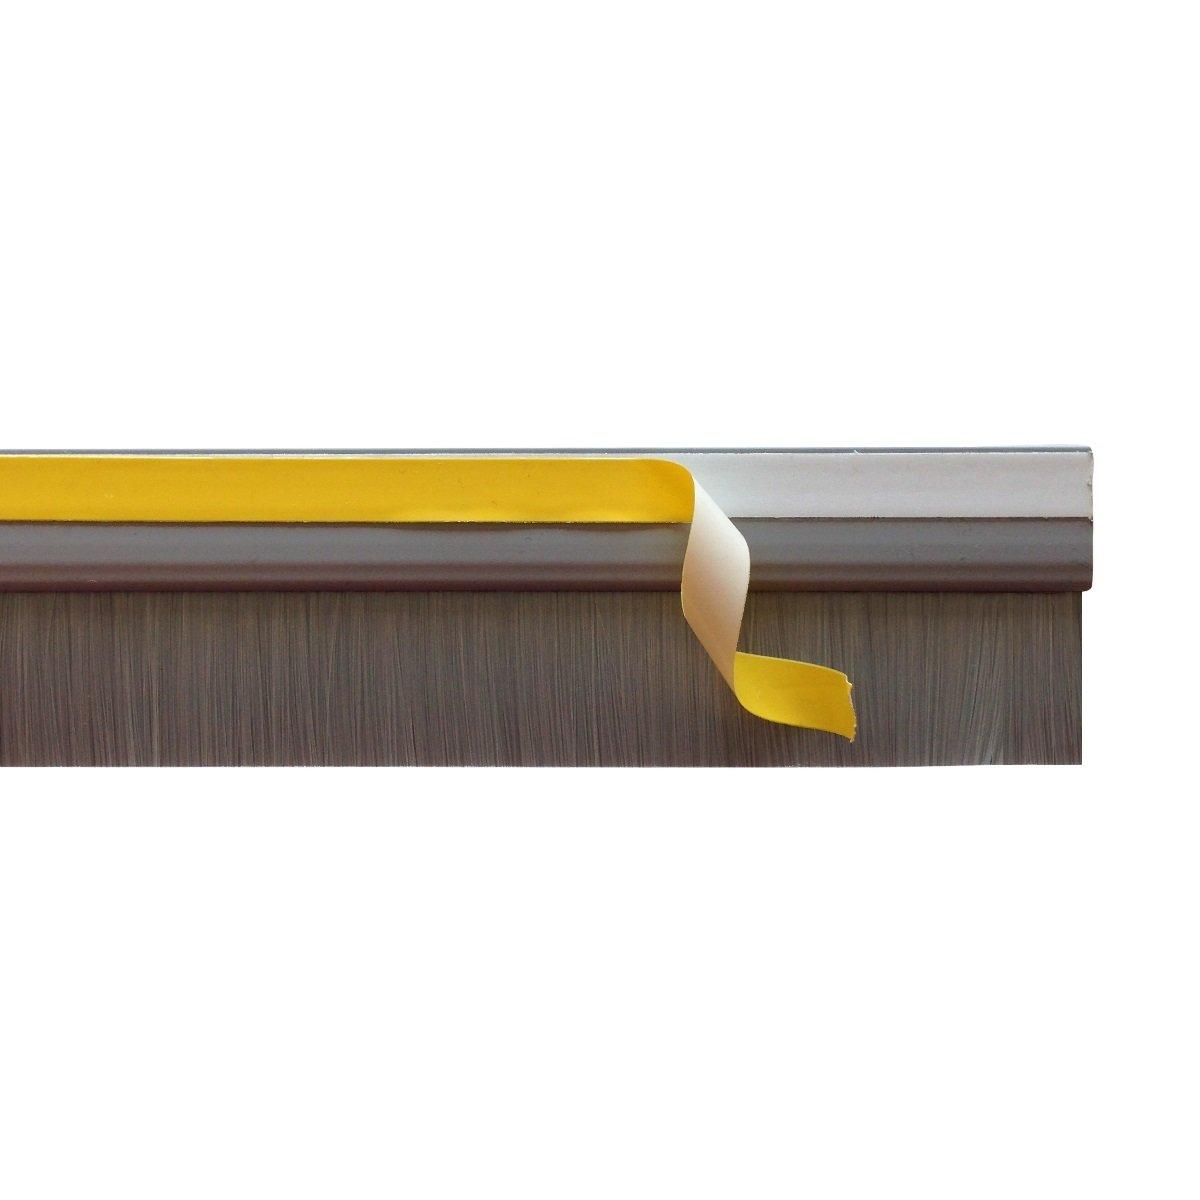 860mm Marron Bas de porte en auto-adh/ésive avec brosse de la couleur correspondant au fixation